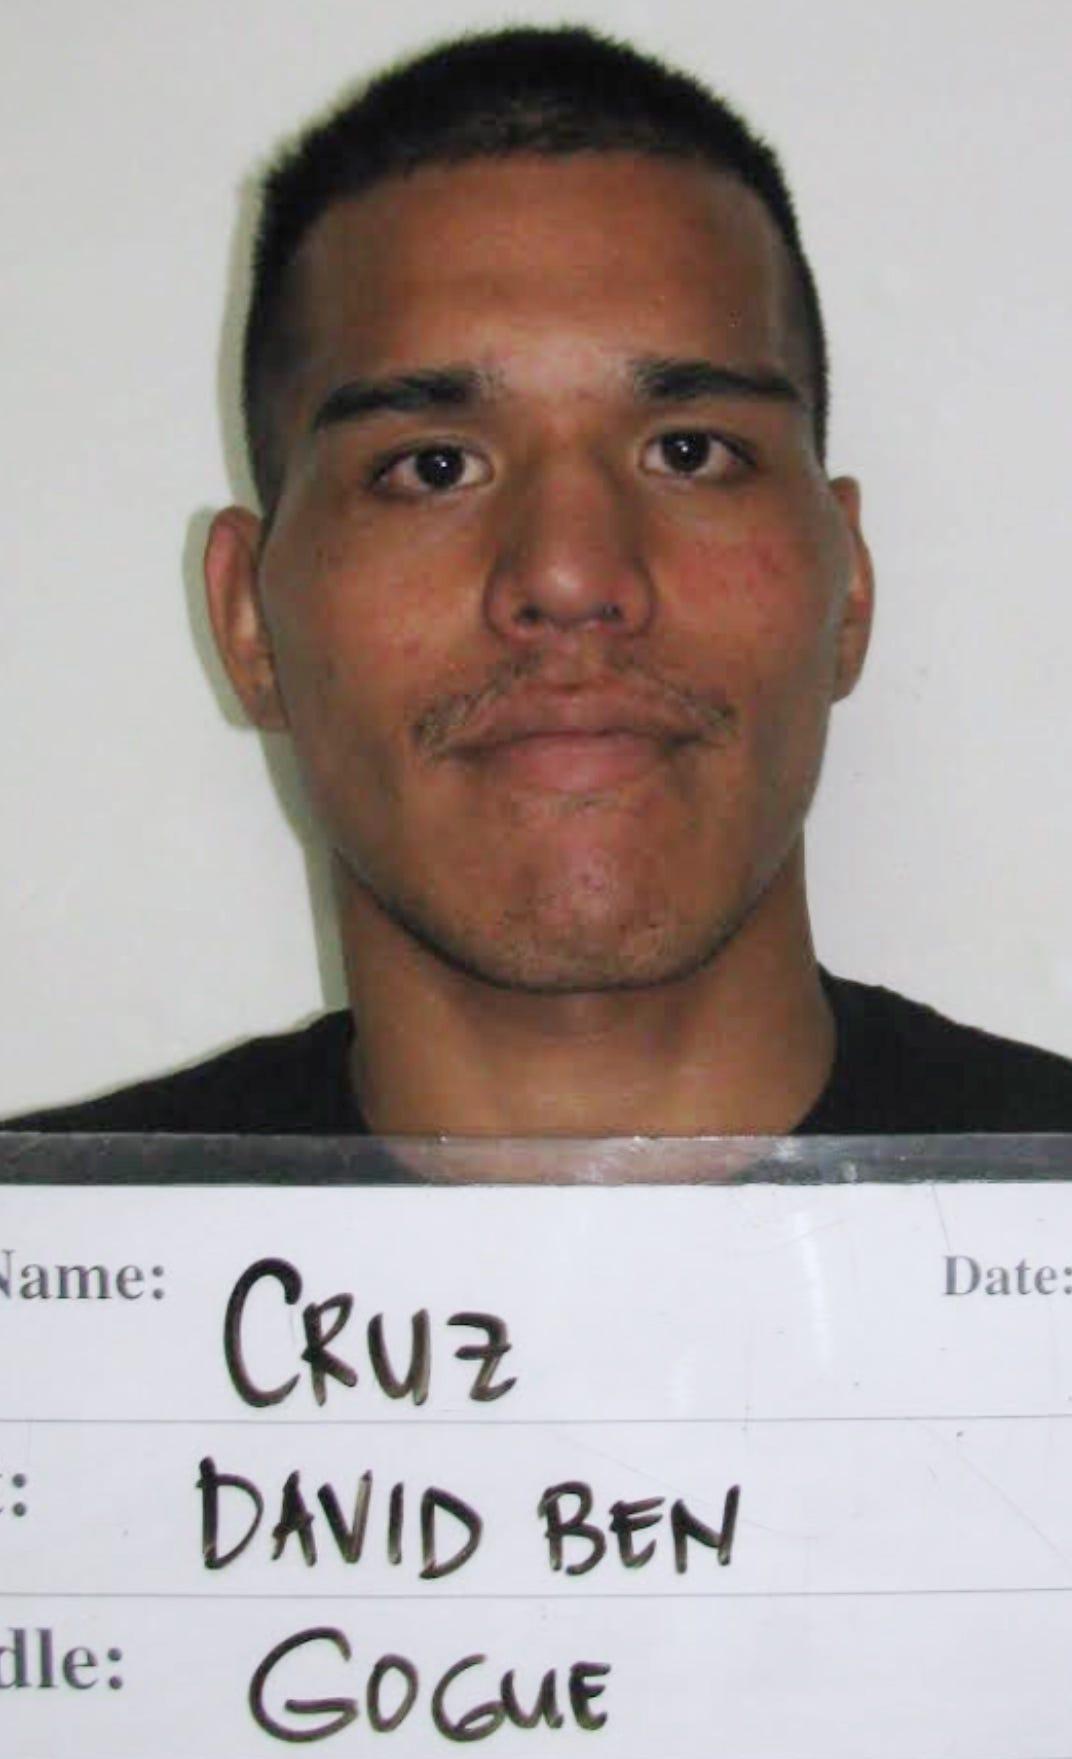 David Ben Gogue Cruz